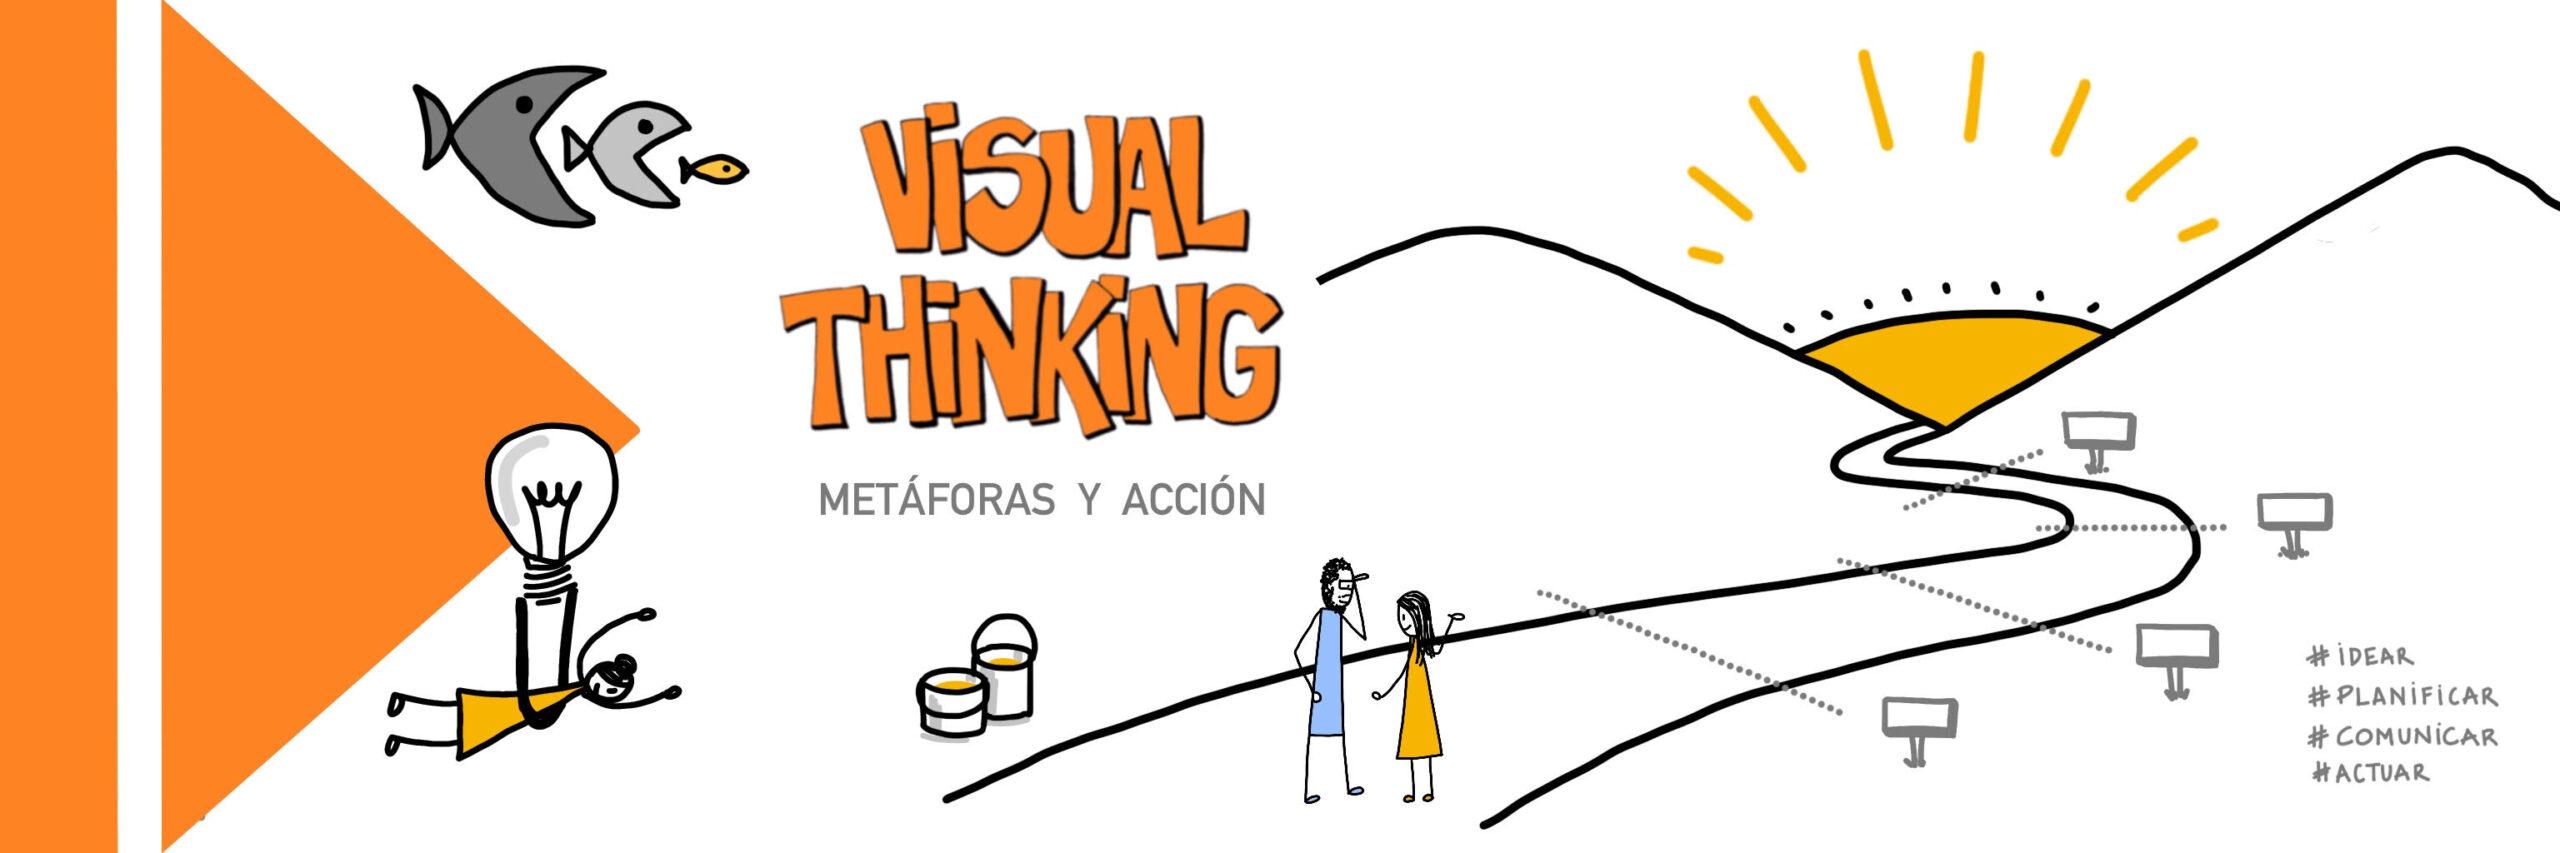 Taller Visual Thinking 2 - Metáforas visuales y planes de acción.